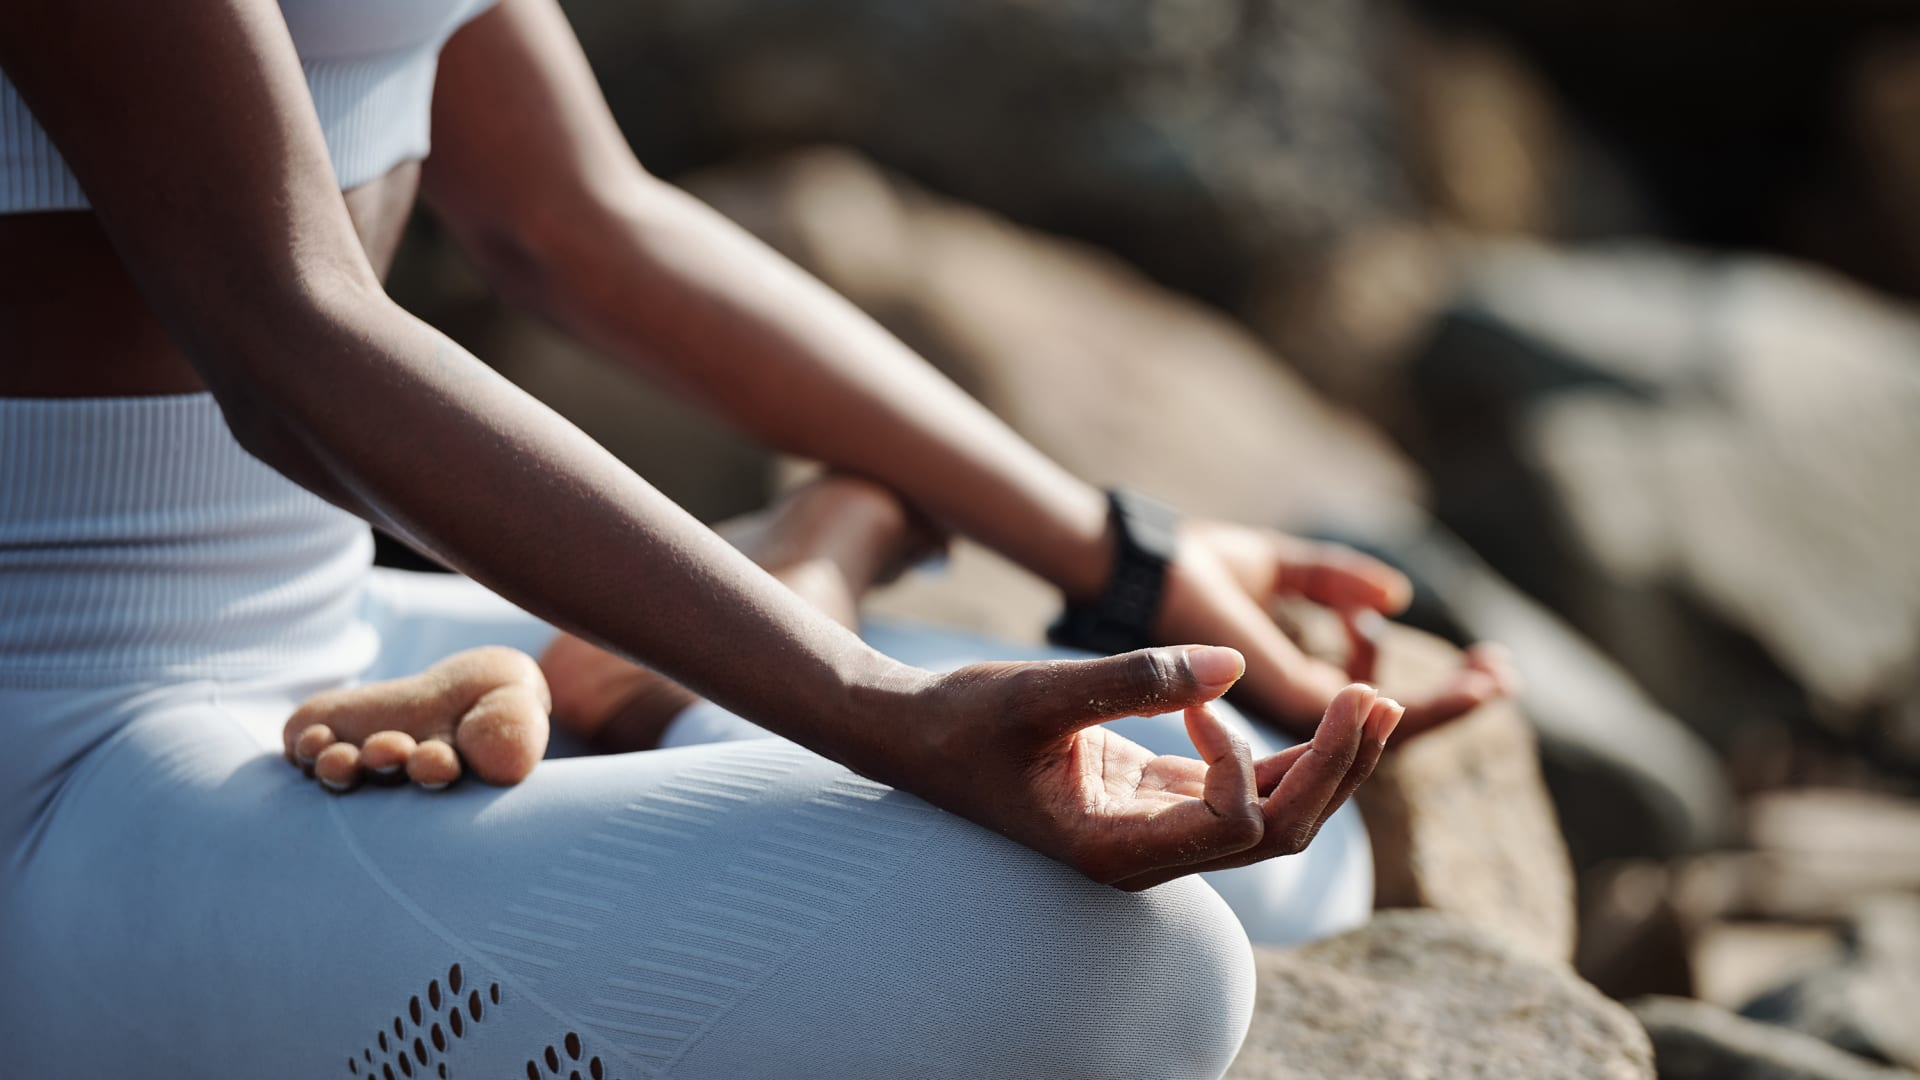 إليك أهمية ممارسة الرياضة والتأمل والنوم الجيد لتقوية مناعتك خلال جائحة فيروس كورونا